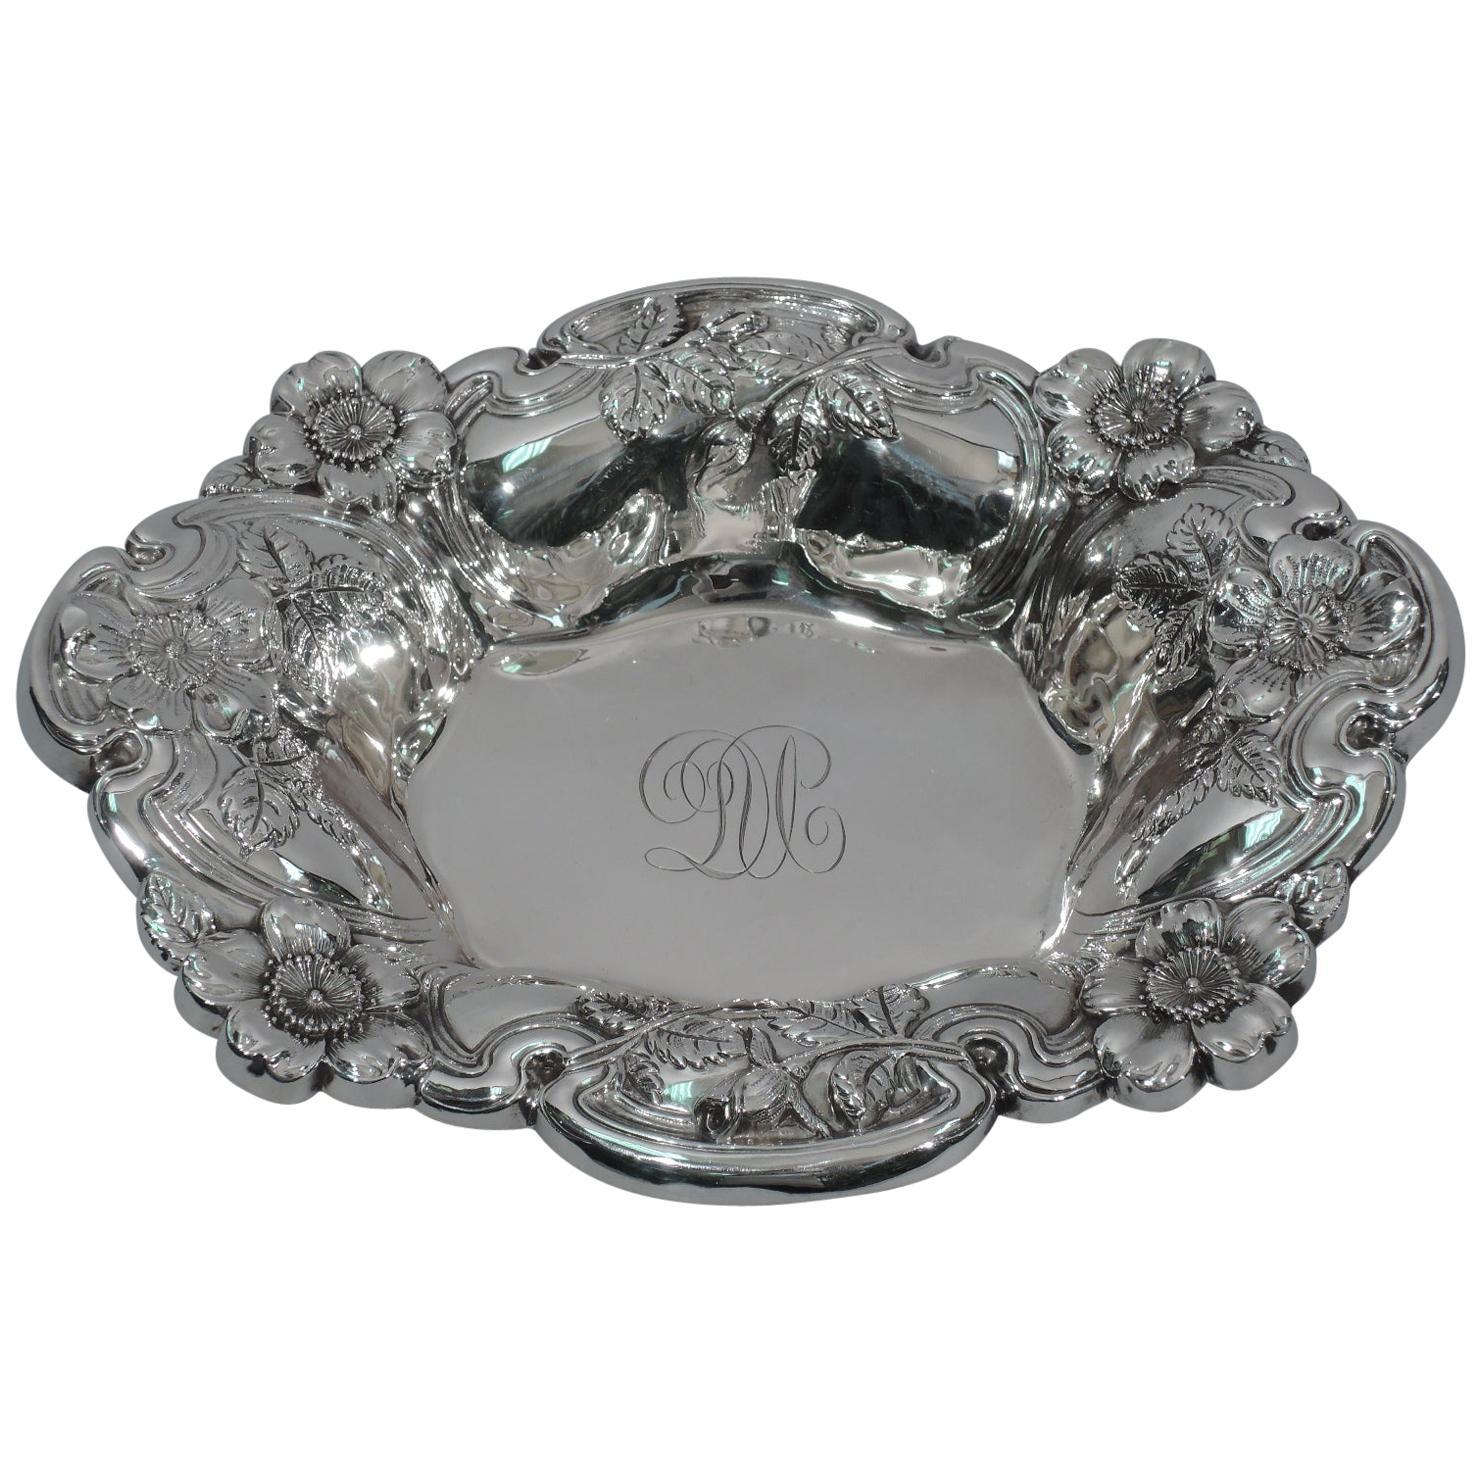 Antique American Art Nouveau Sterling Silver Flower Bowl